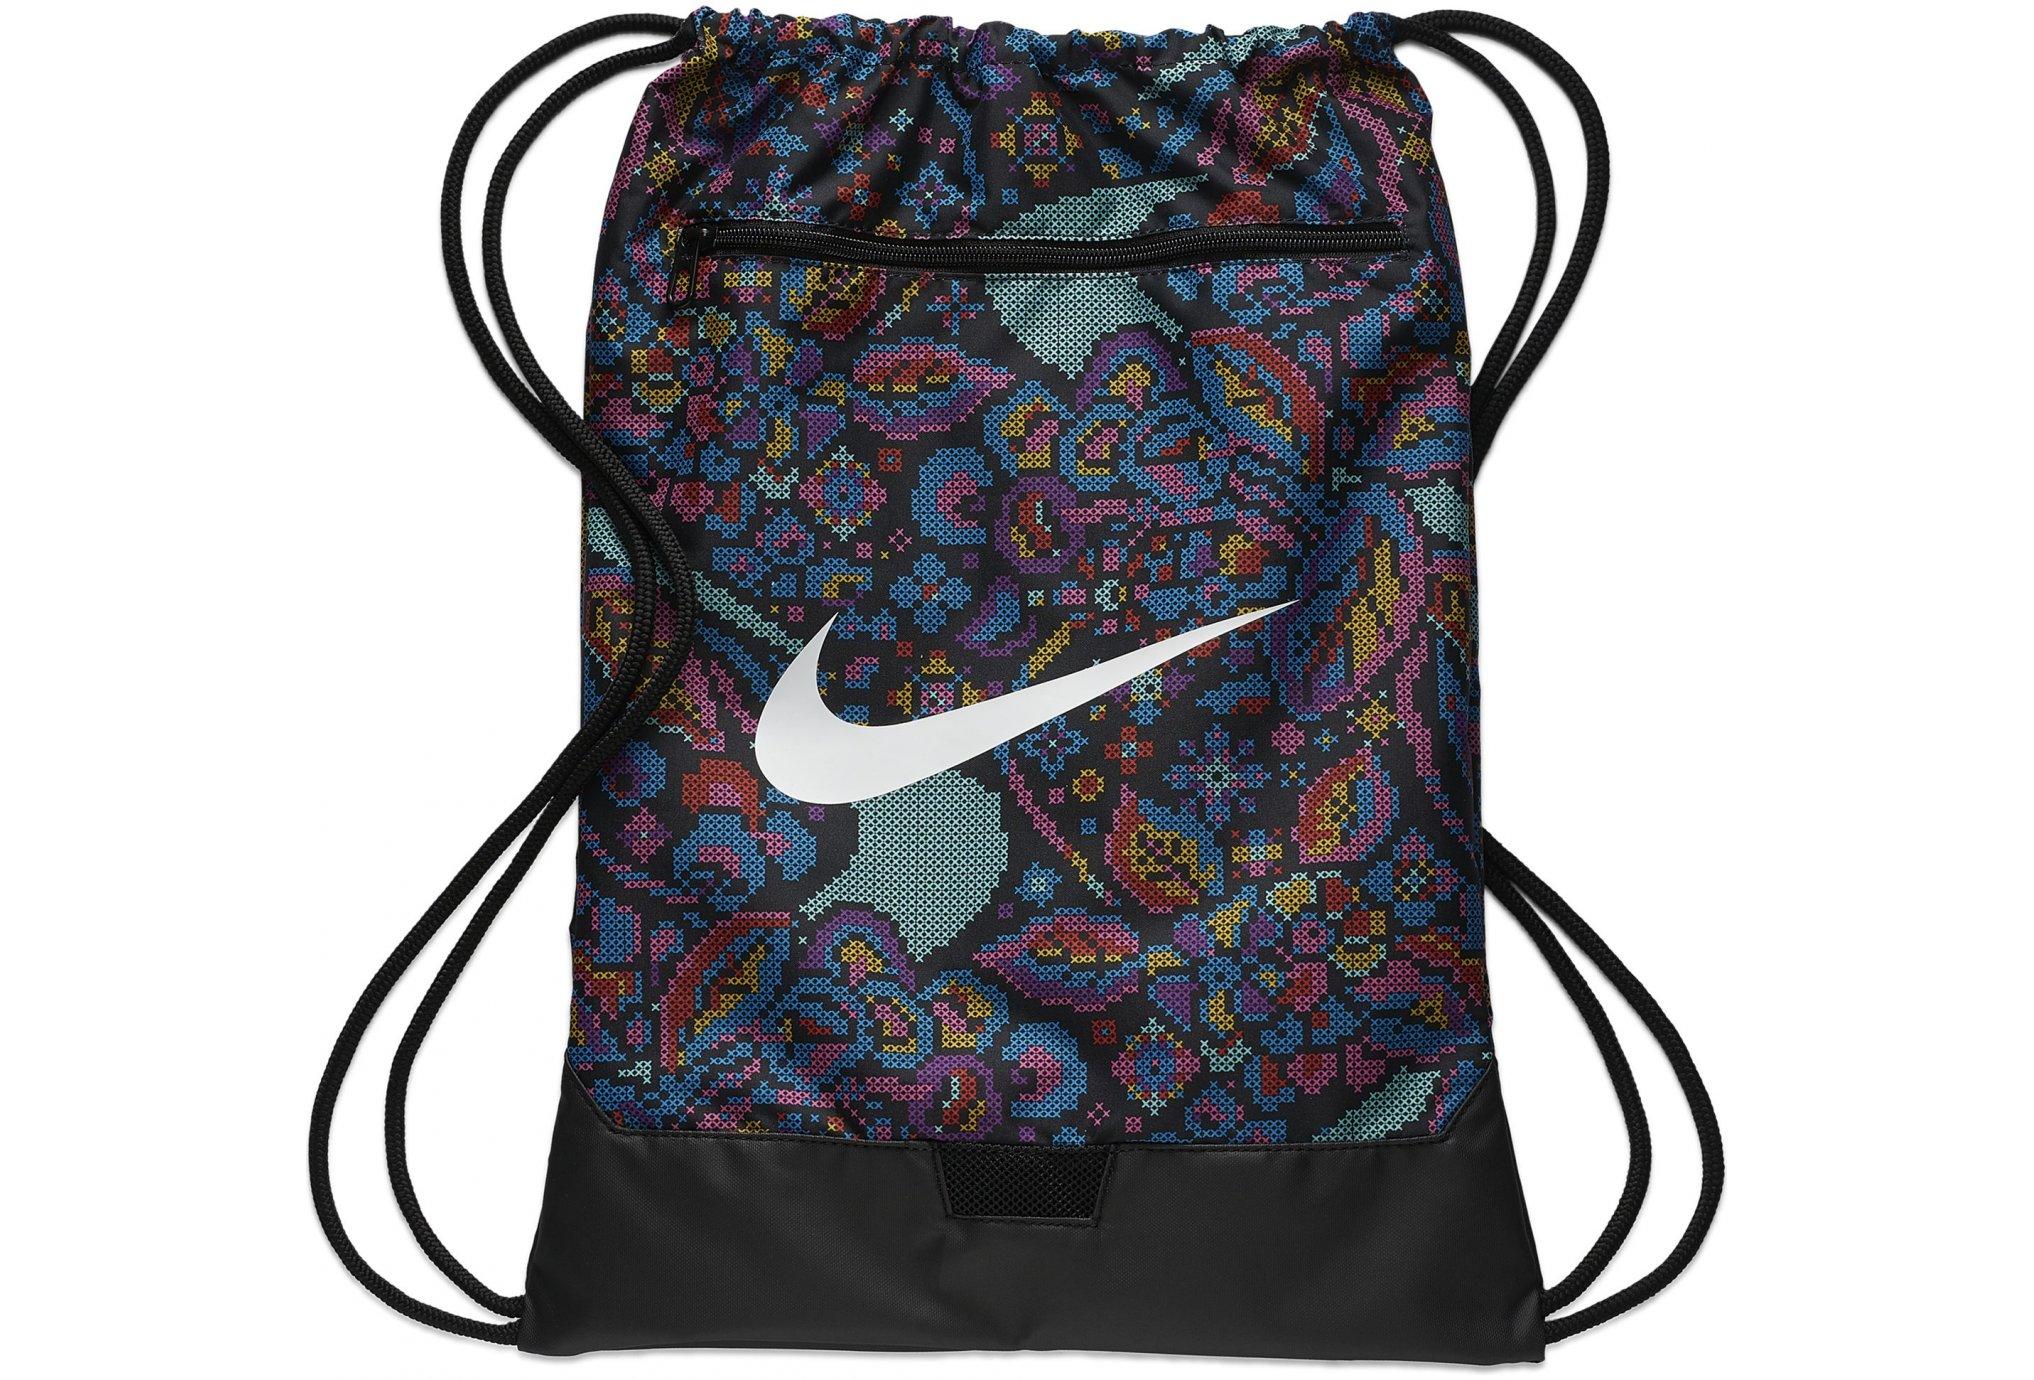 new release new products buy Sac Hood Nike Nike Banane Ad Sac Banane Hood cR354AjLq